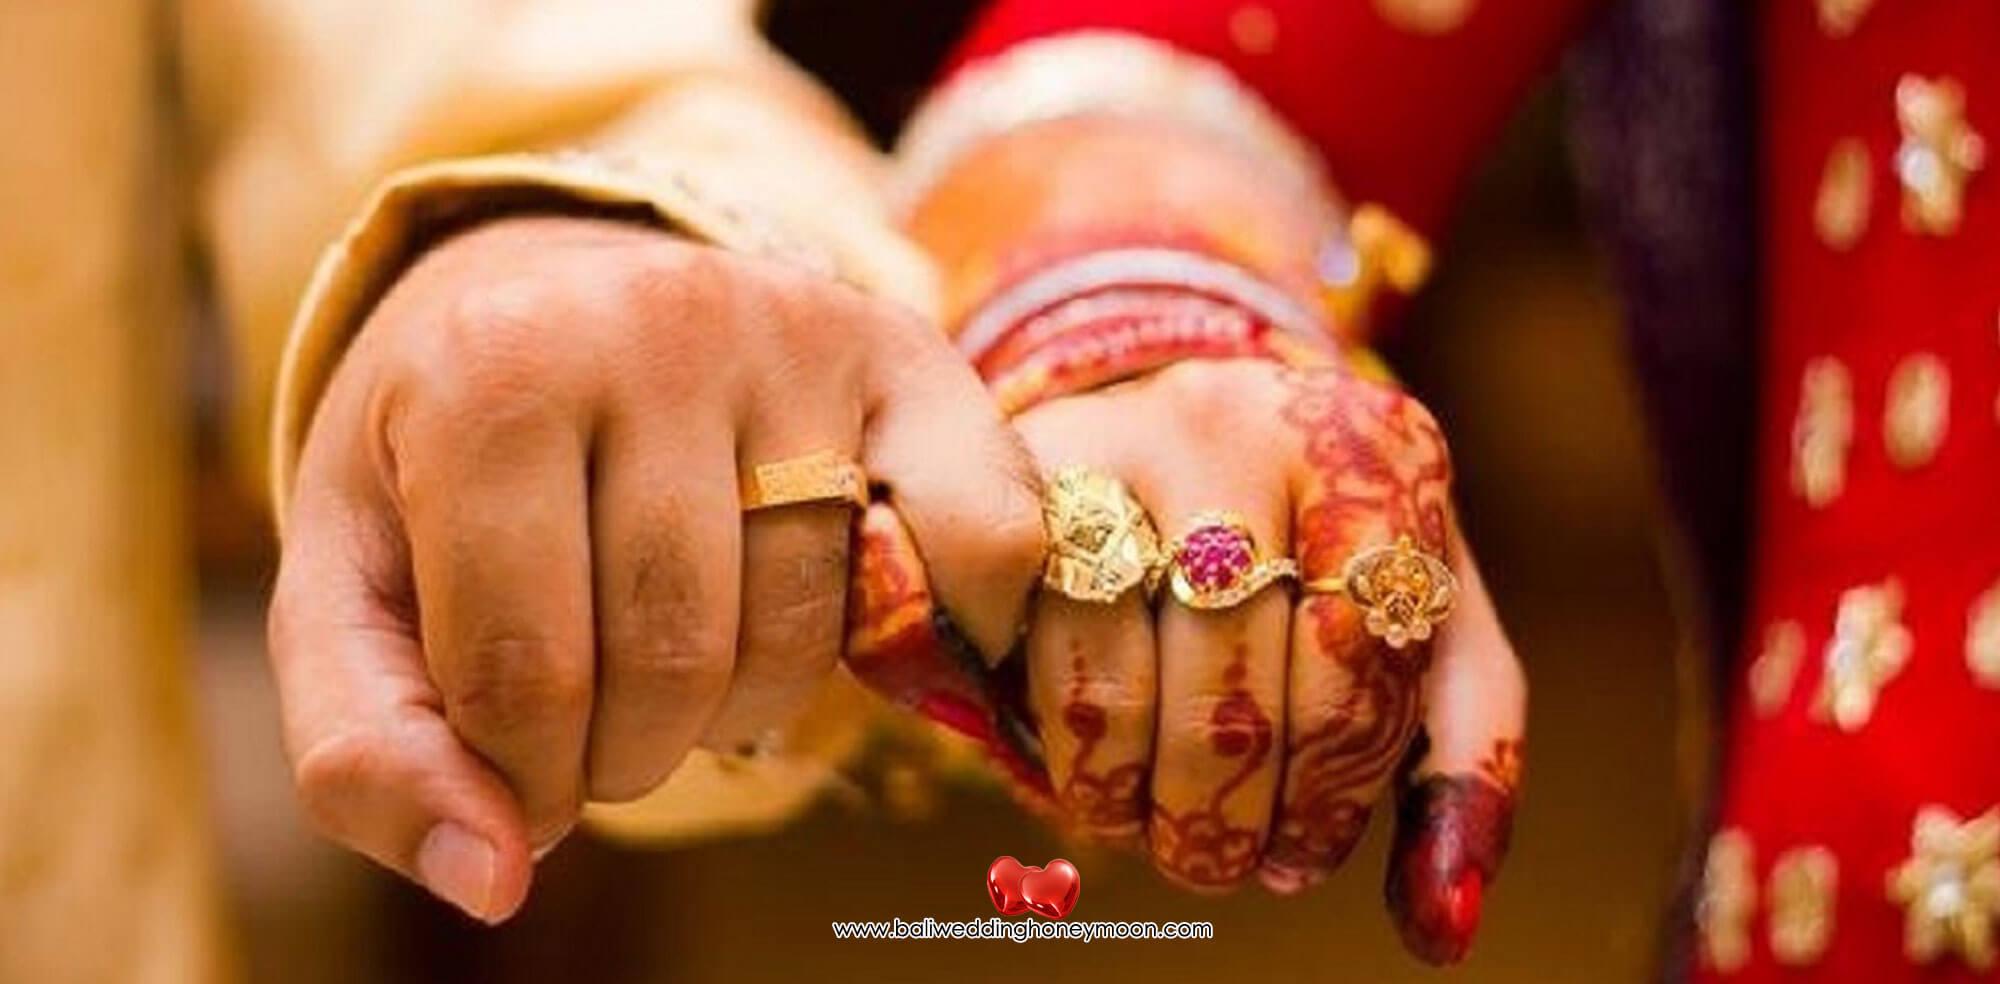 baliweddinghoneymoon-baliweddingplanner-baliweddingorganizer-indianwedding3